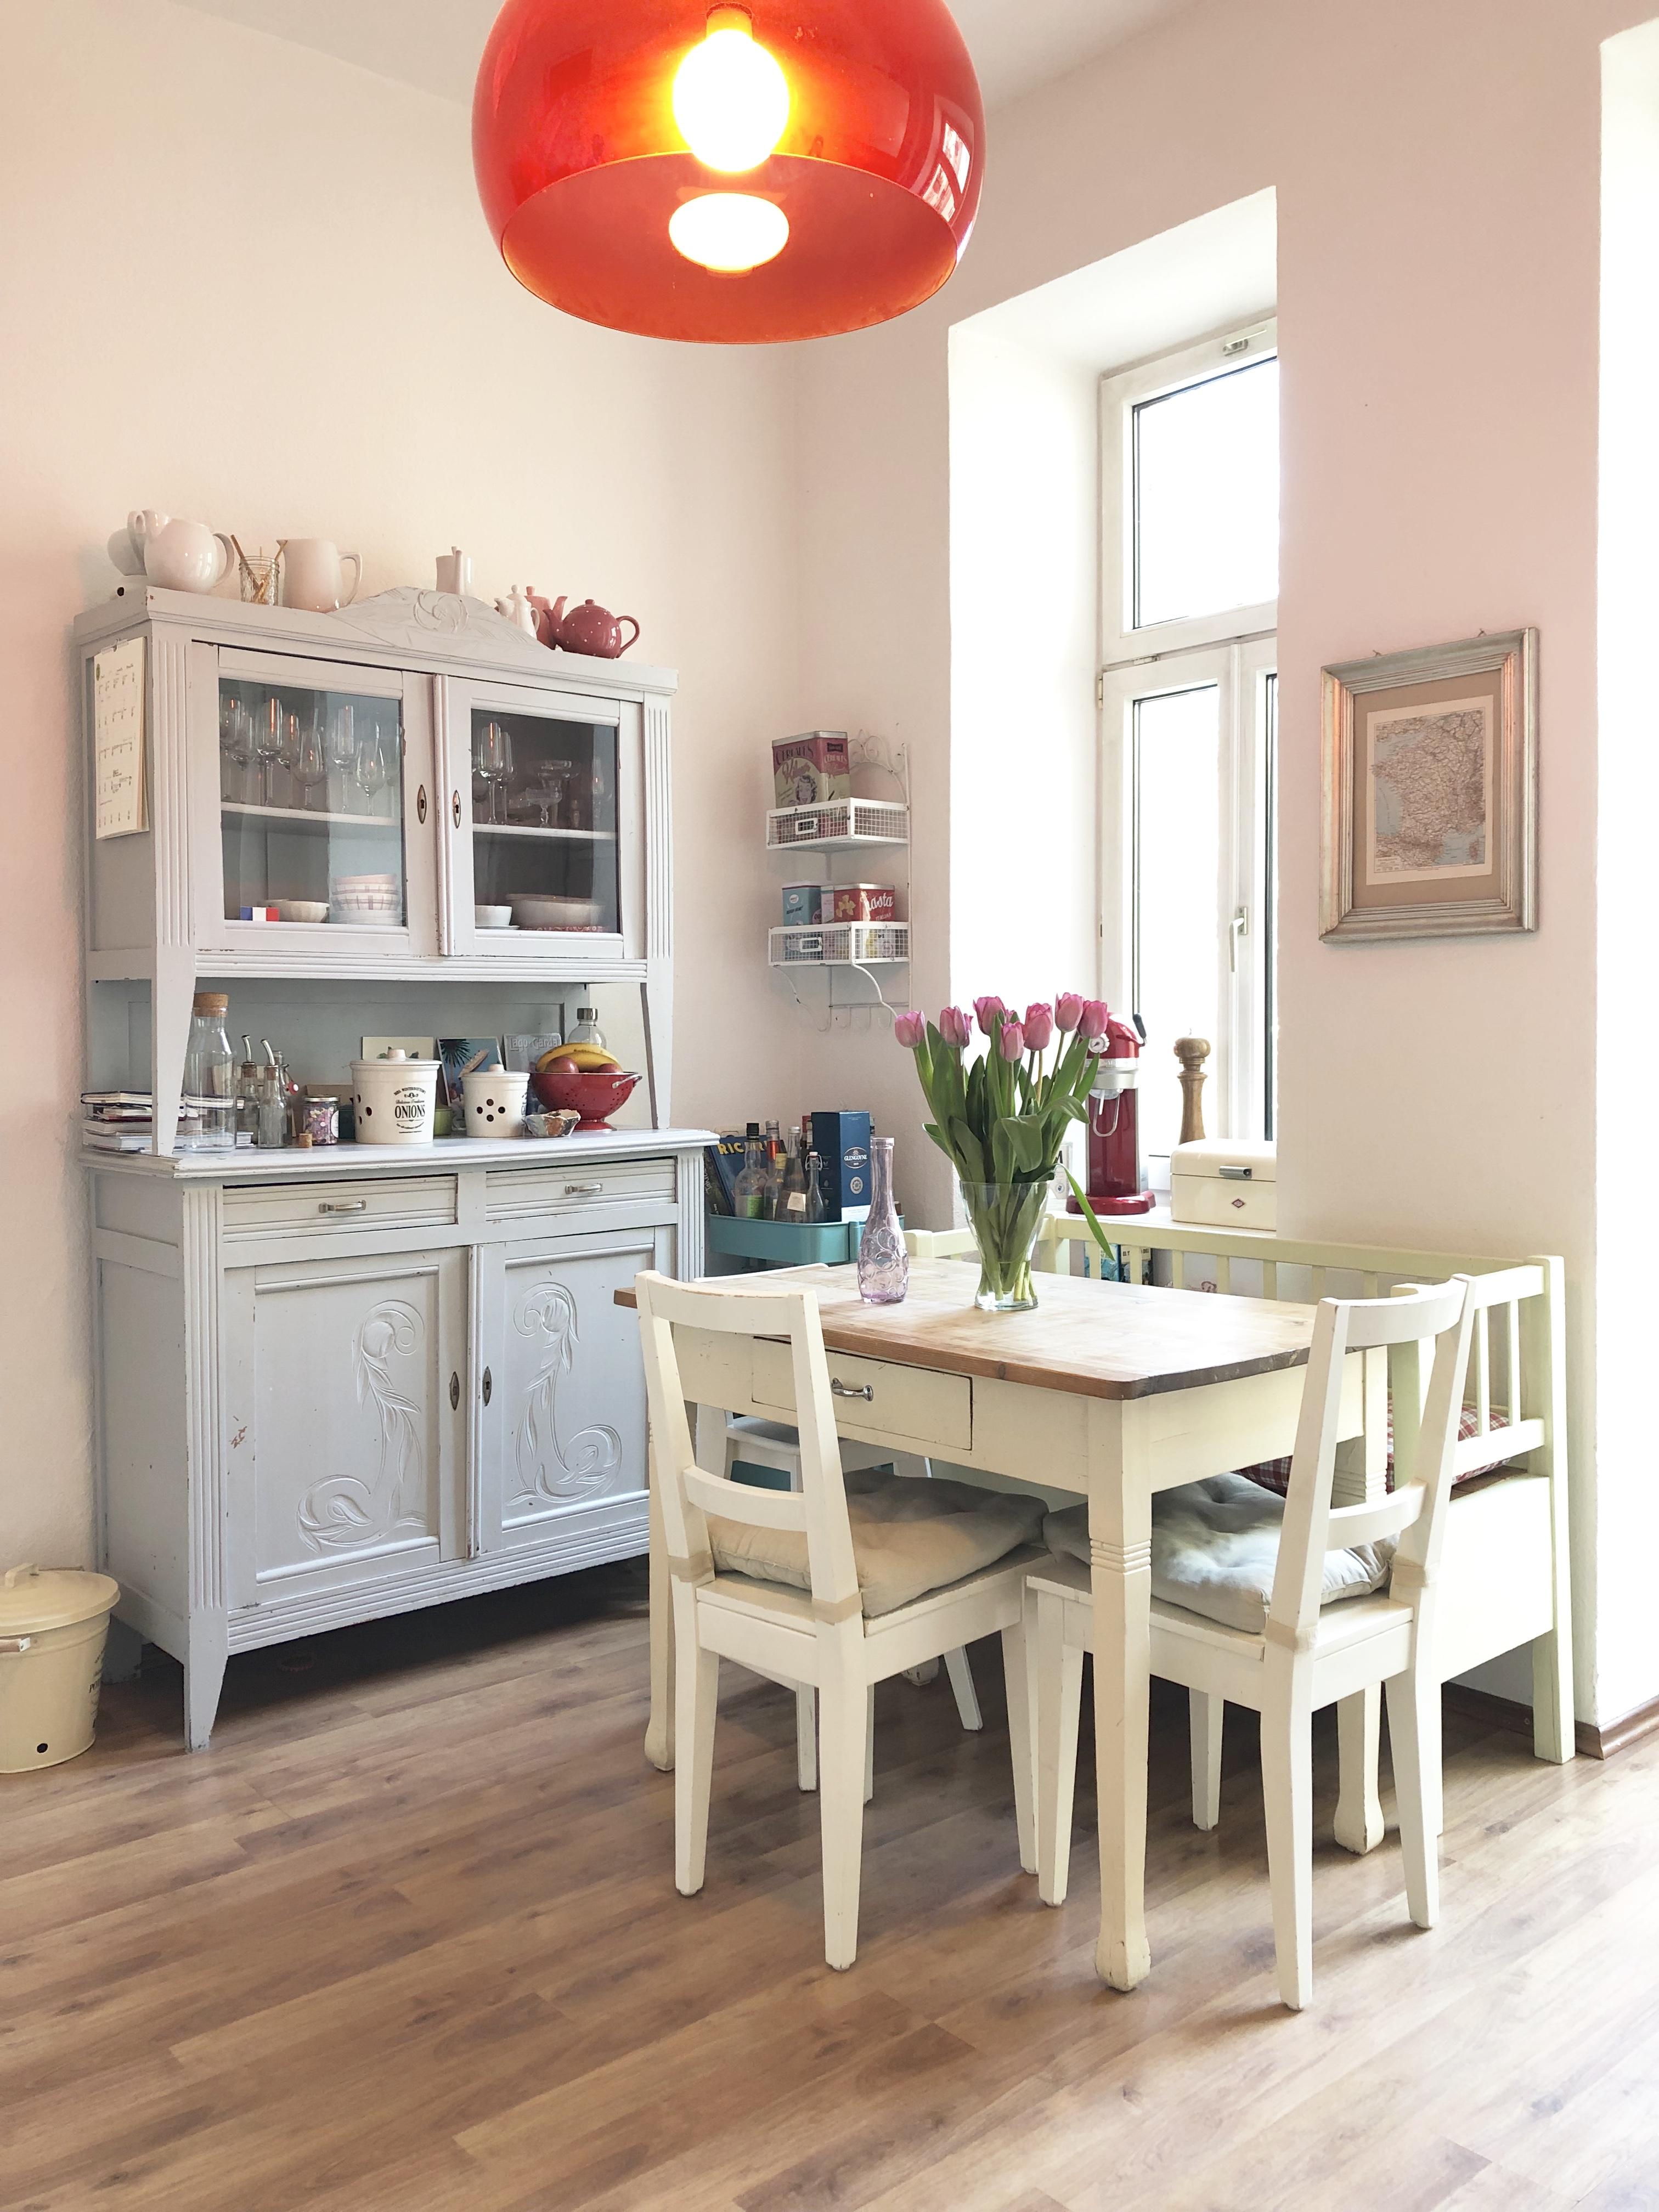 Wohnen, Pflanze, Naturholz, Weiß, Bilderrahmen, Tisch, Stuhl